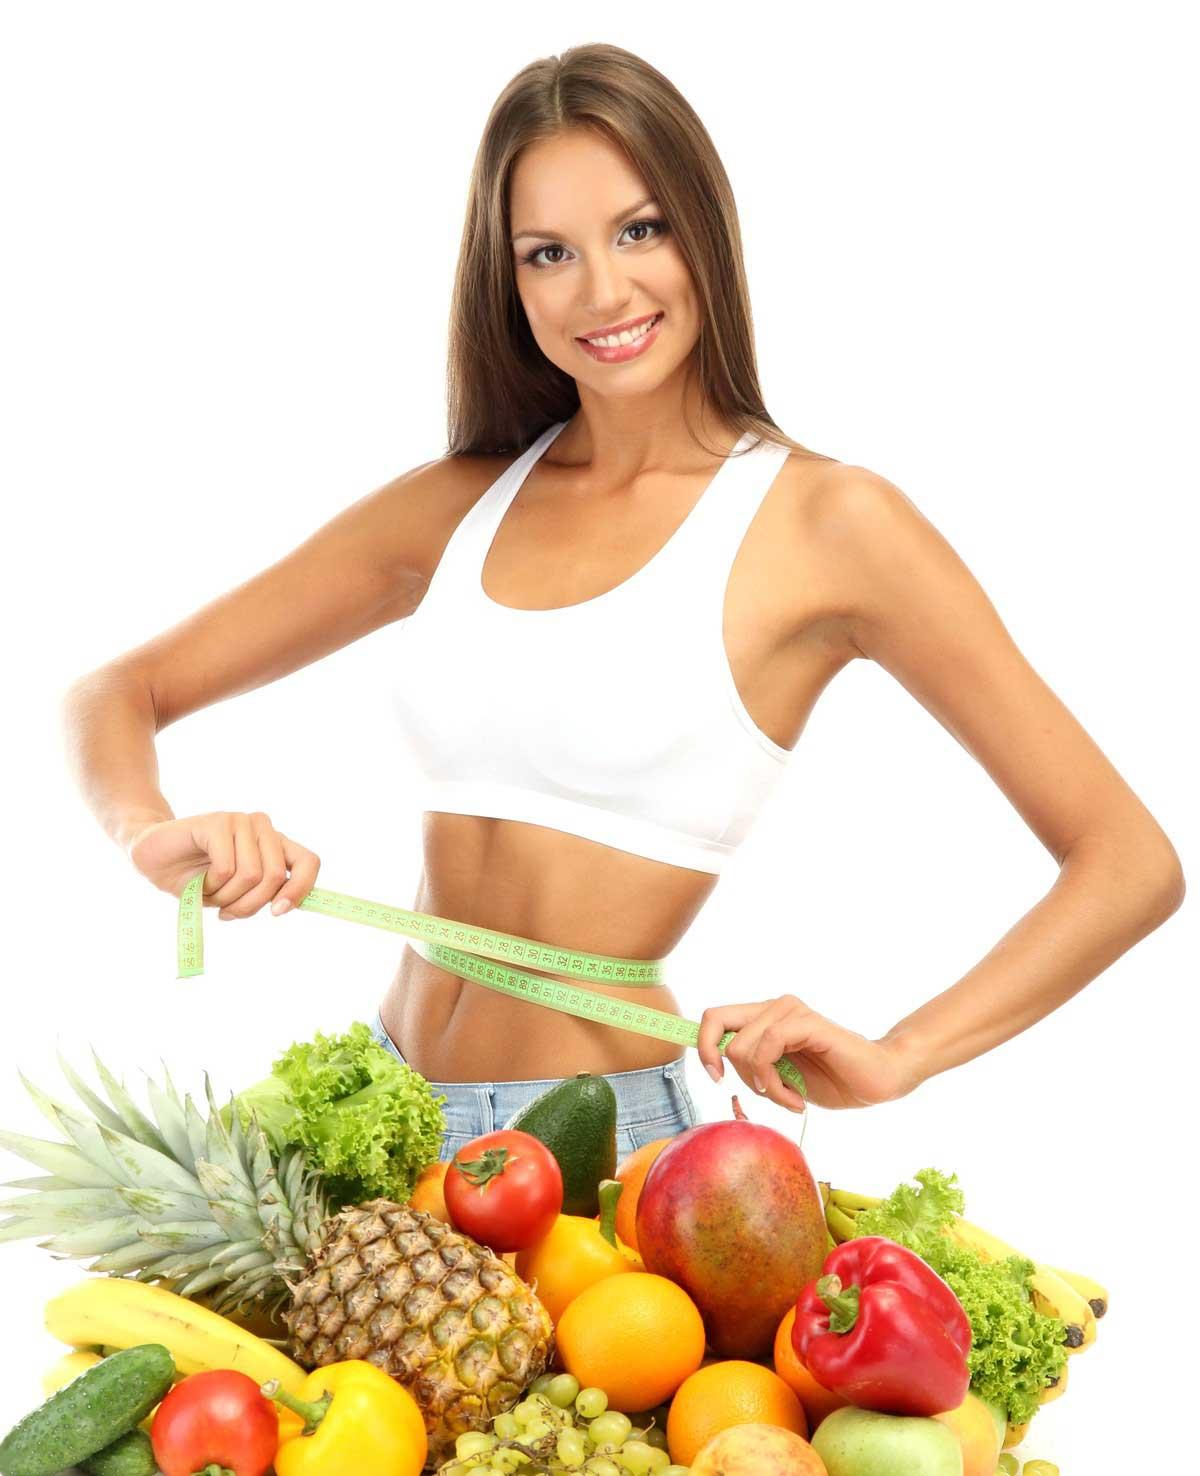 Как Похудеть Быстро Здоровье. Как похудеть без вреда для здоровья?